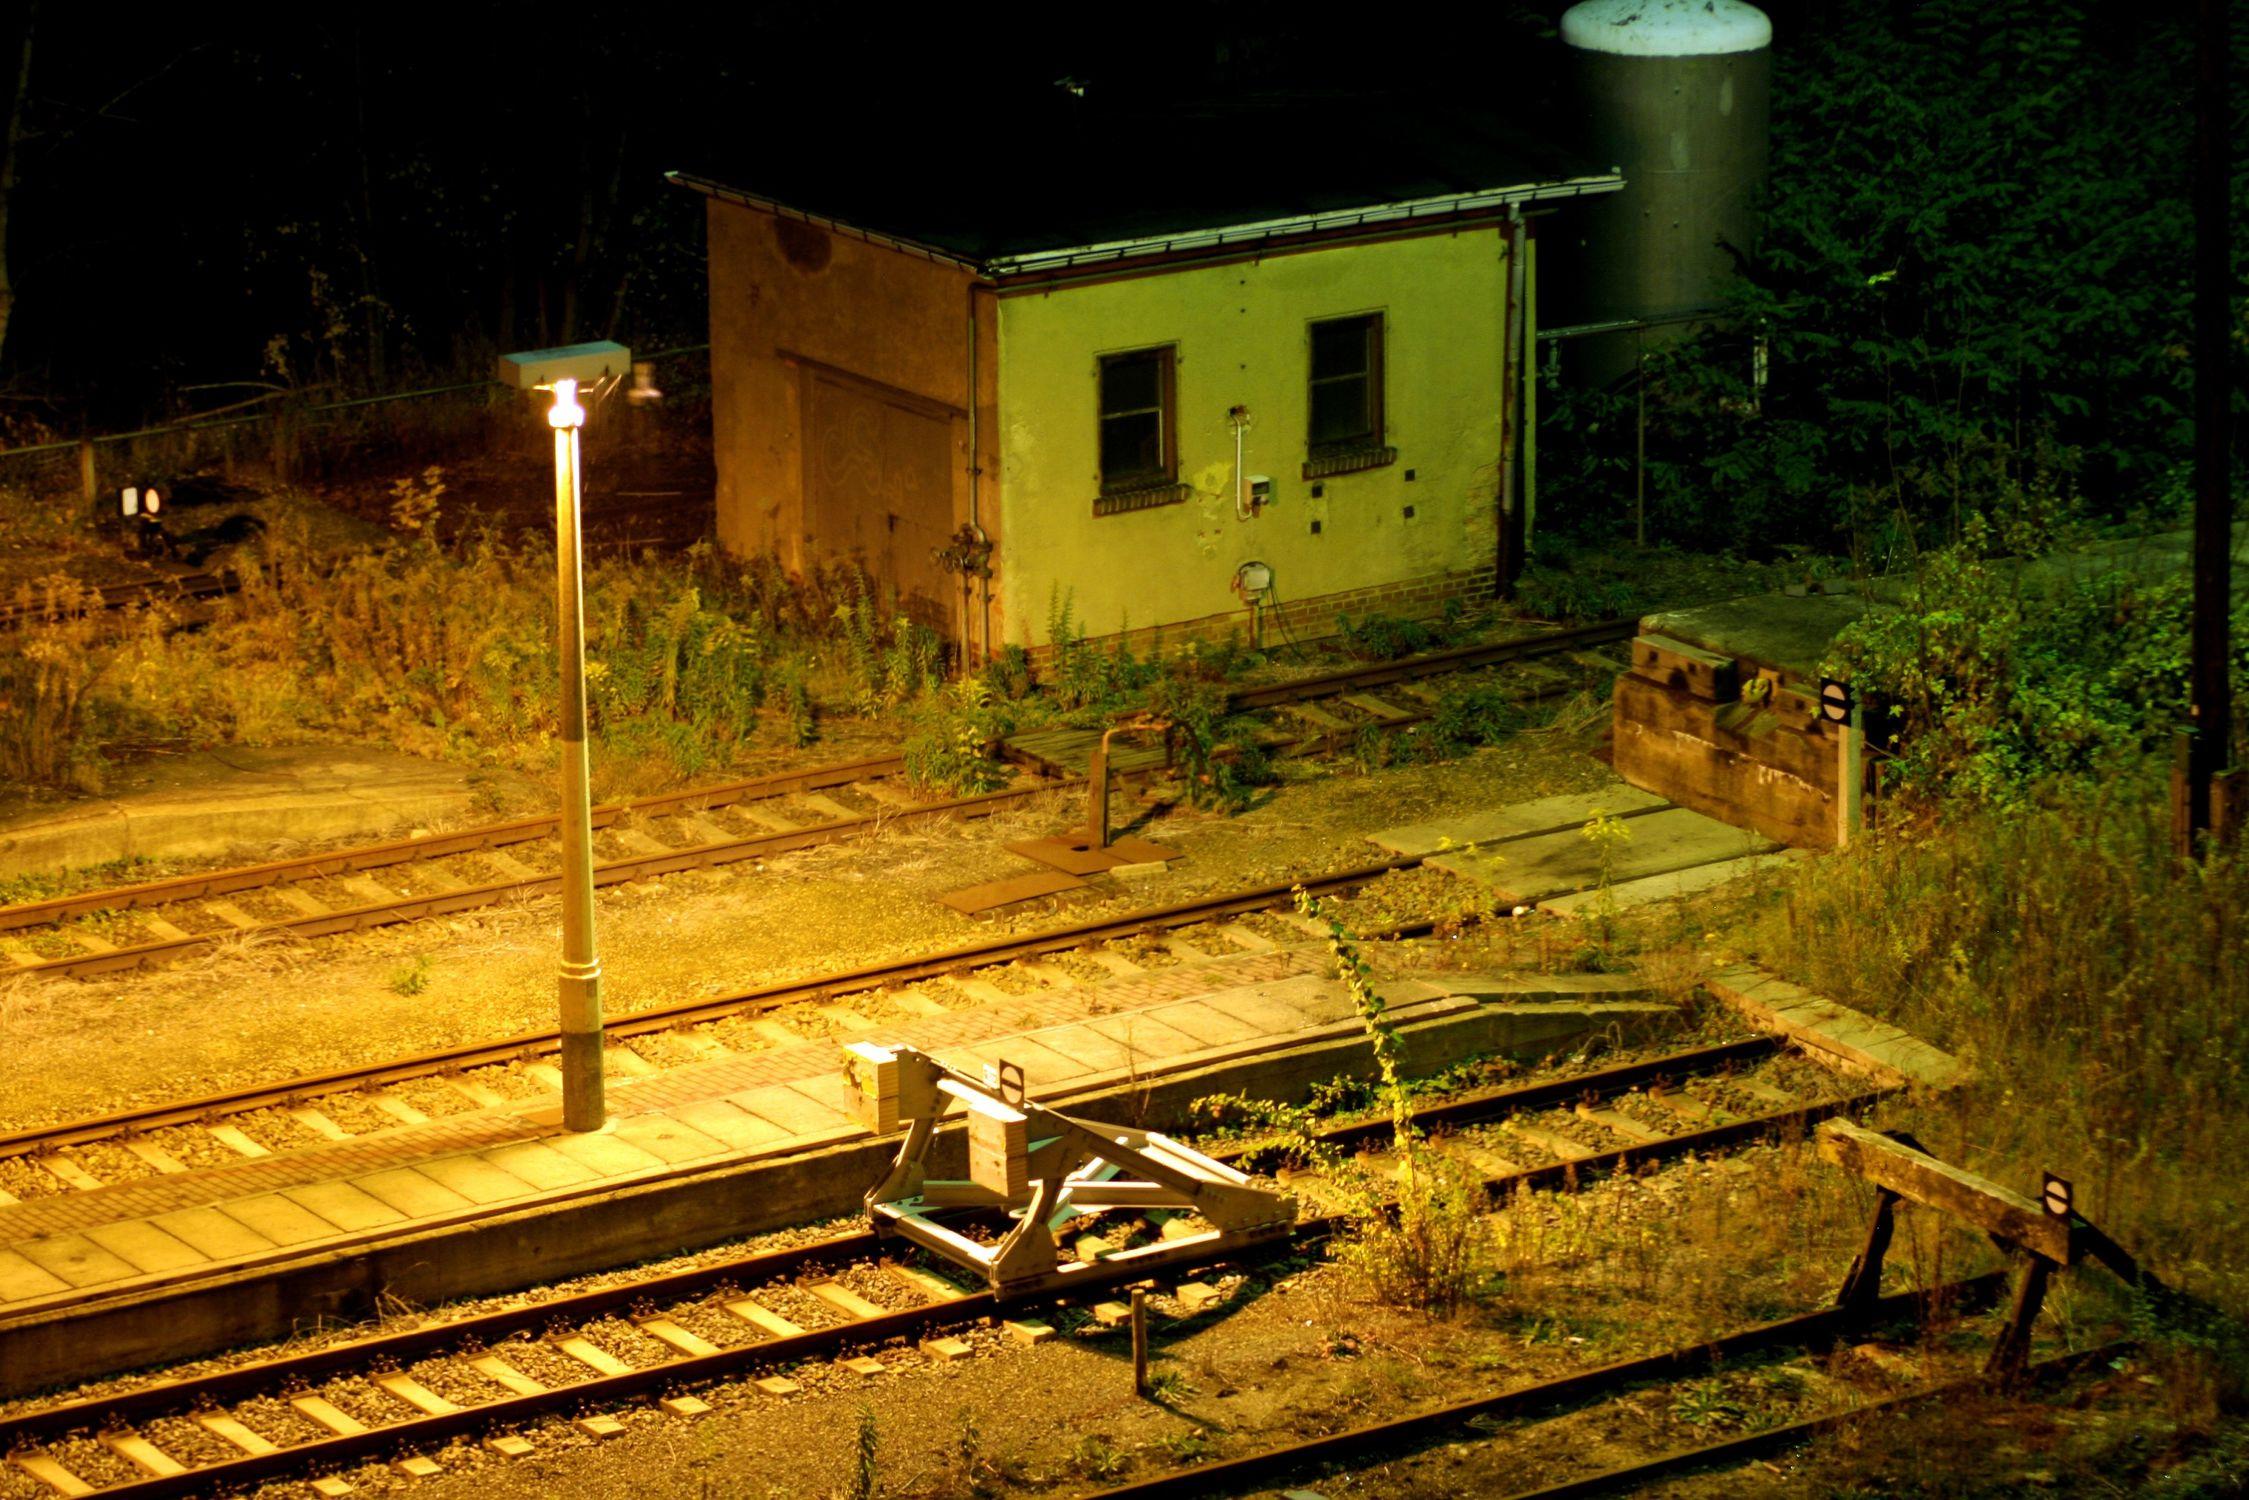 Bild mit Transport, Schienen